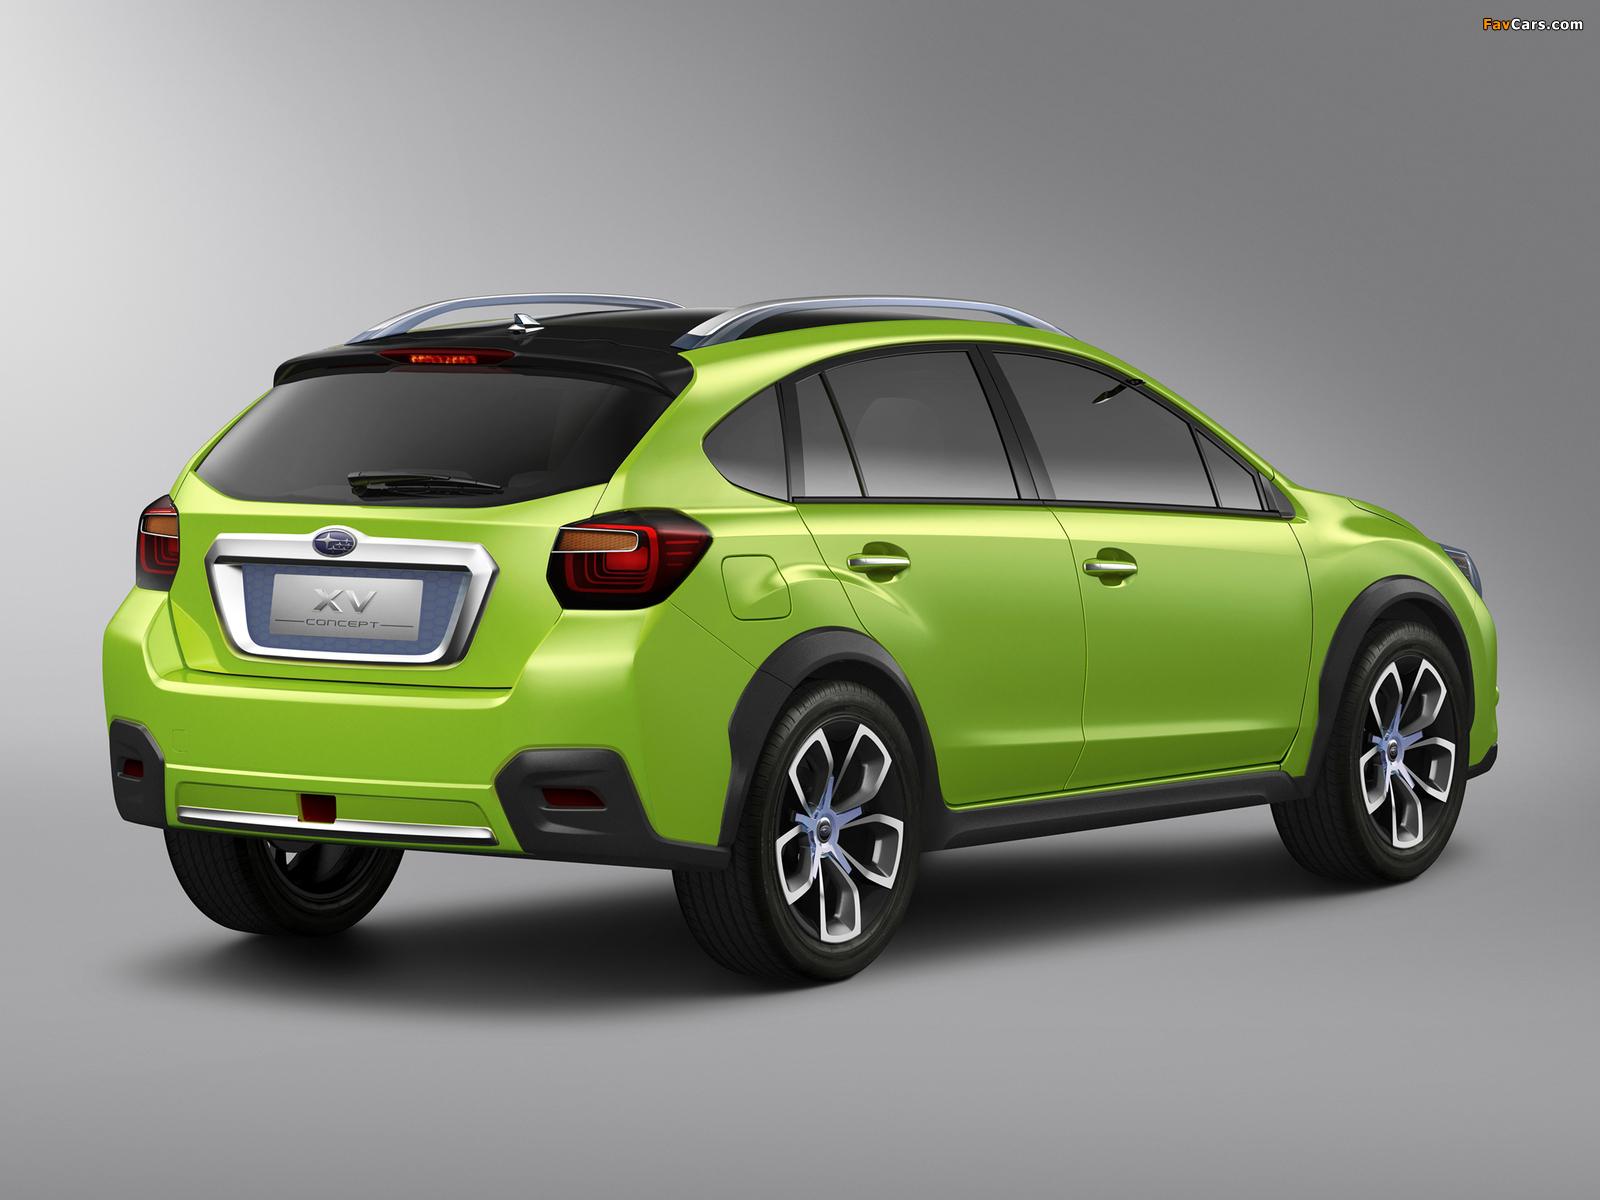 Subaru XV Concept 2011 photos (1600 x 1200)